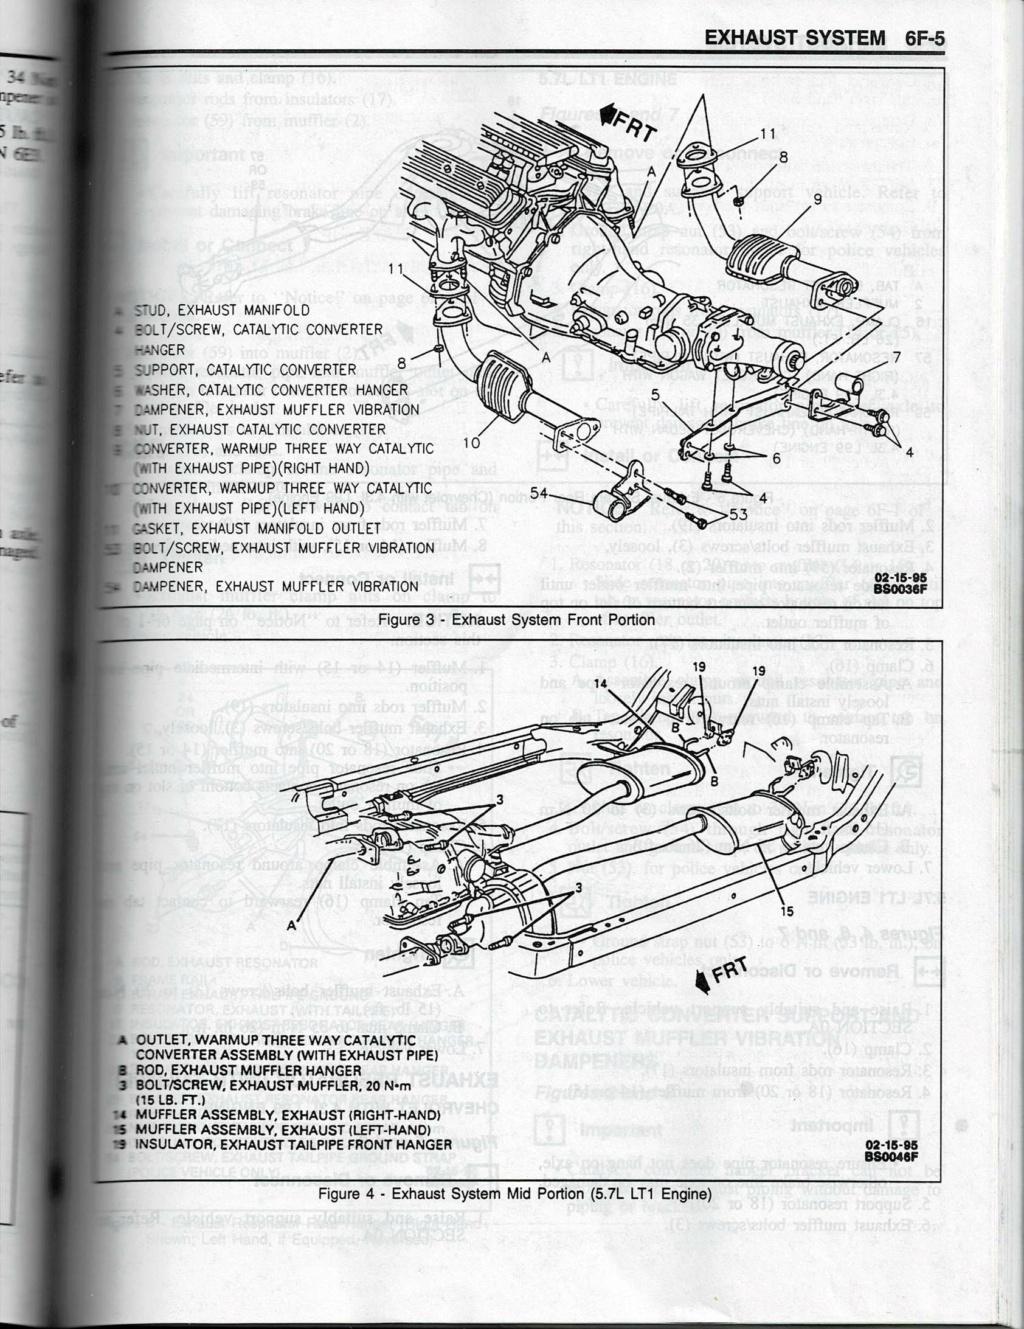 Exhaust hanger design makes no sense to me Buick_10